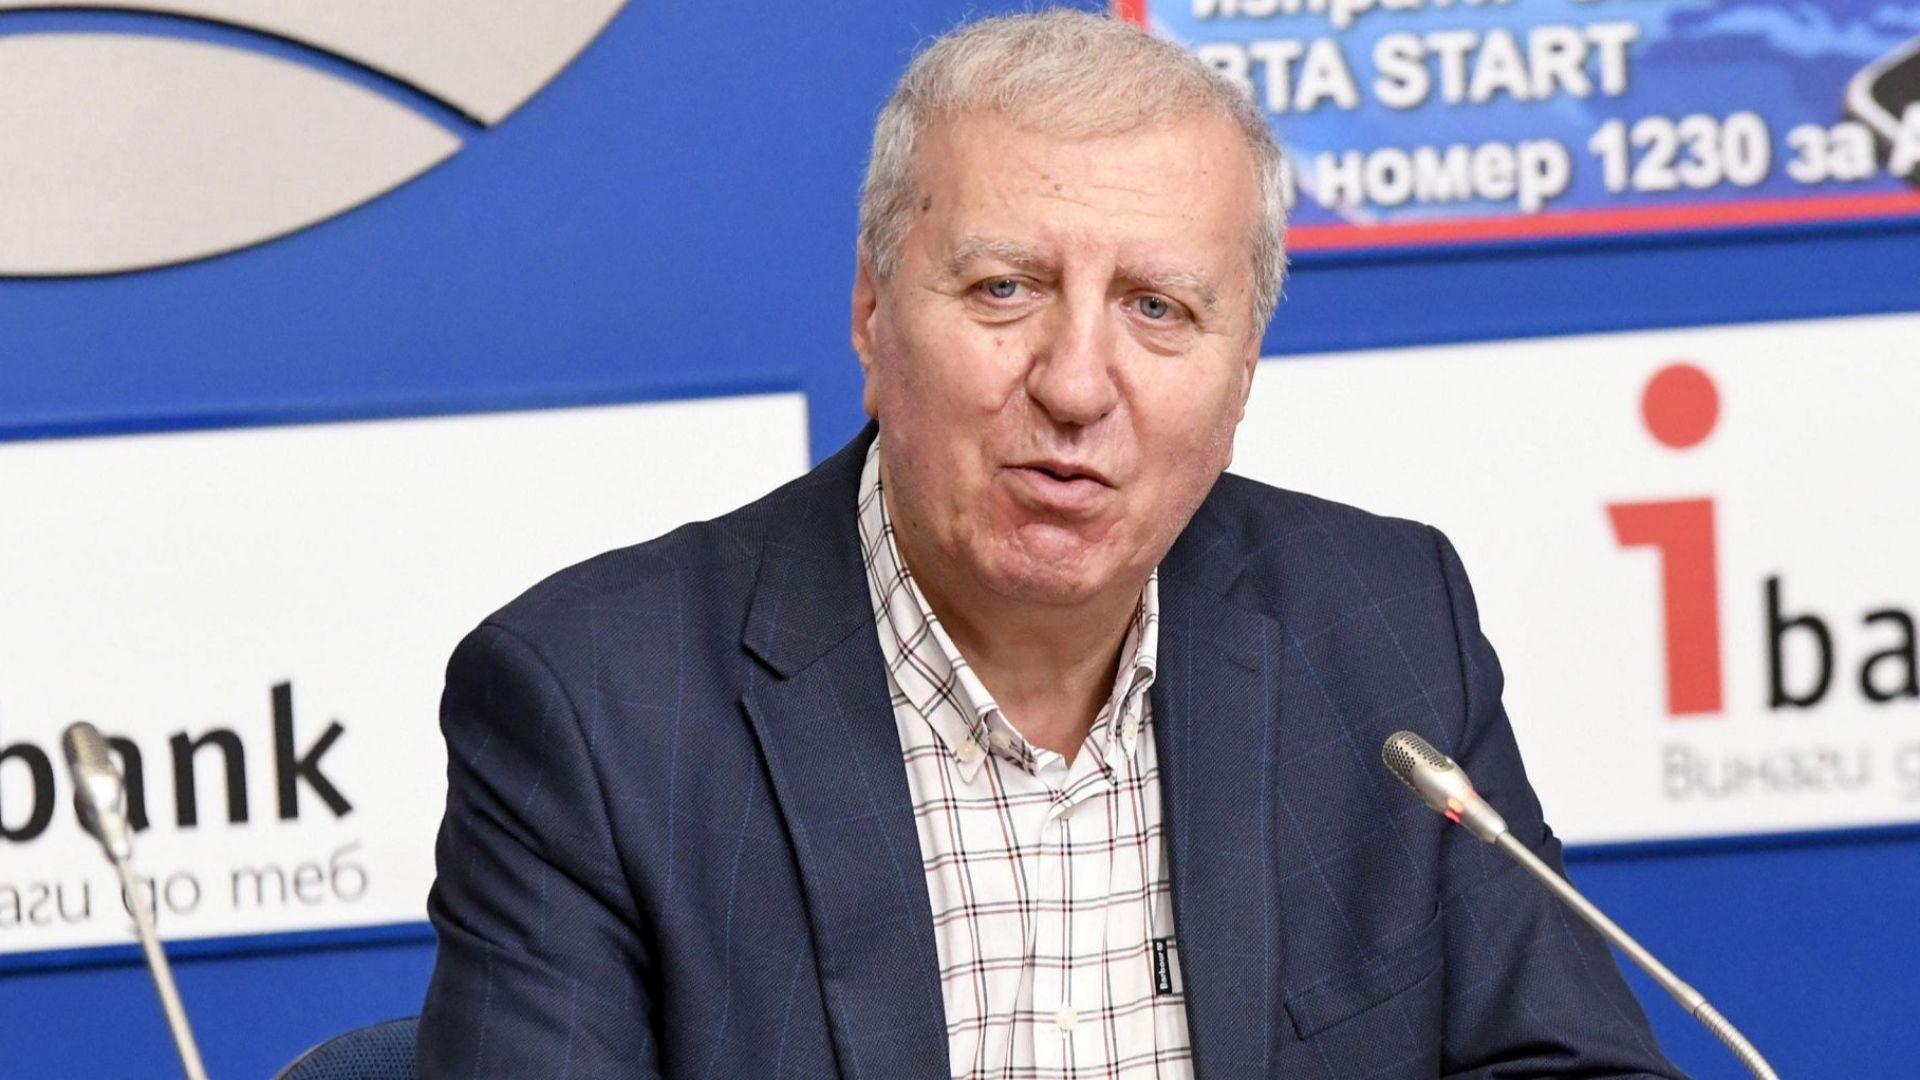 Александър Томов коментира темата ЦСКА: Не вярвам, че Ганчев си тръгва заради феновете